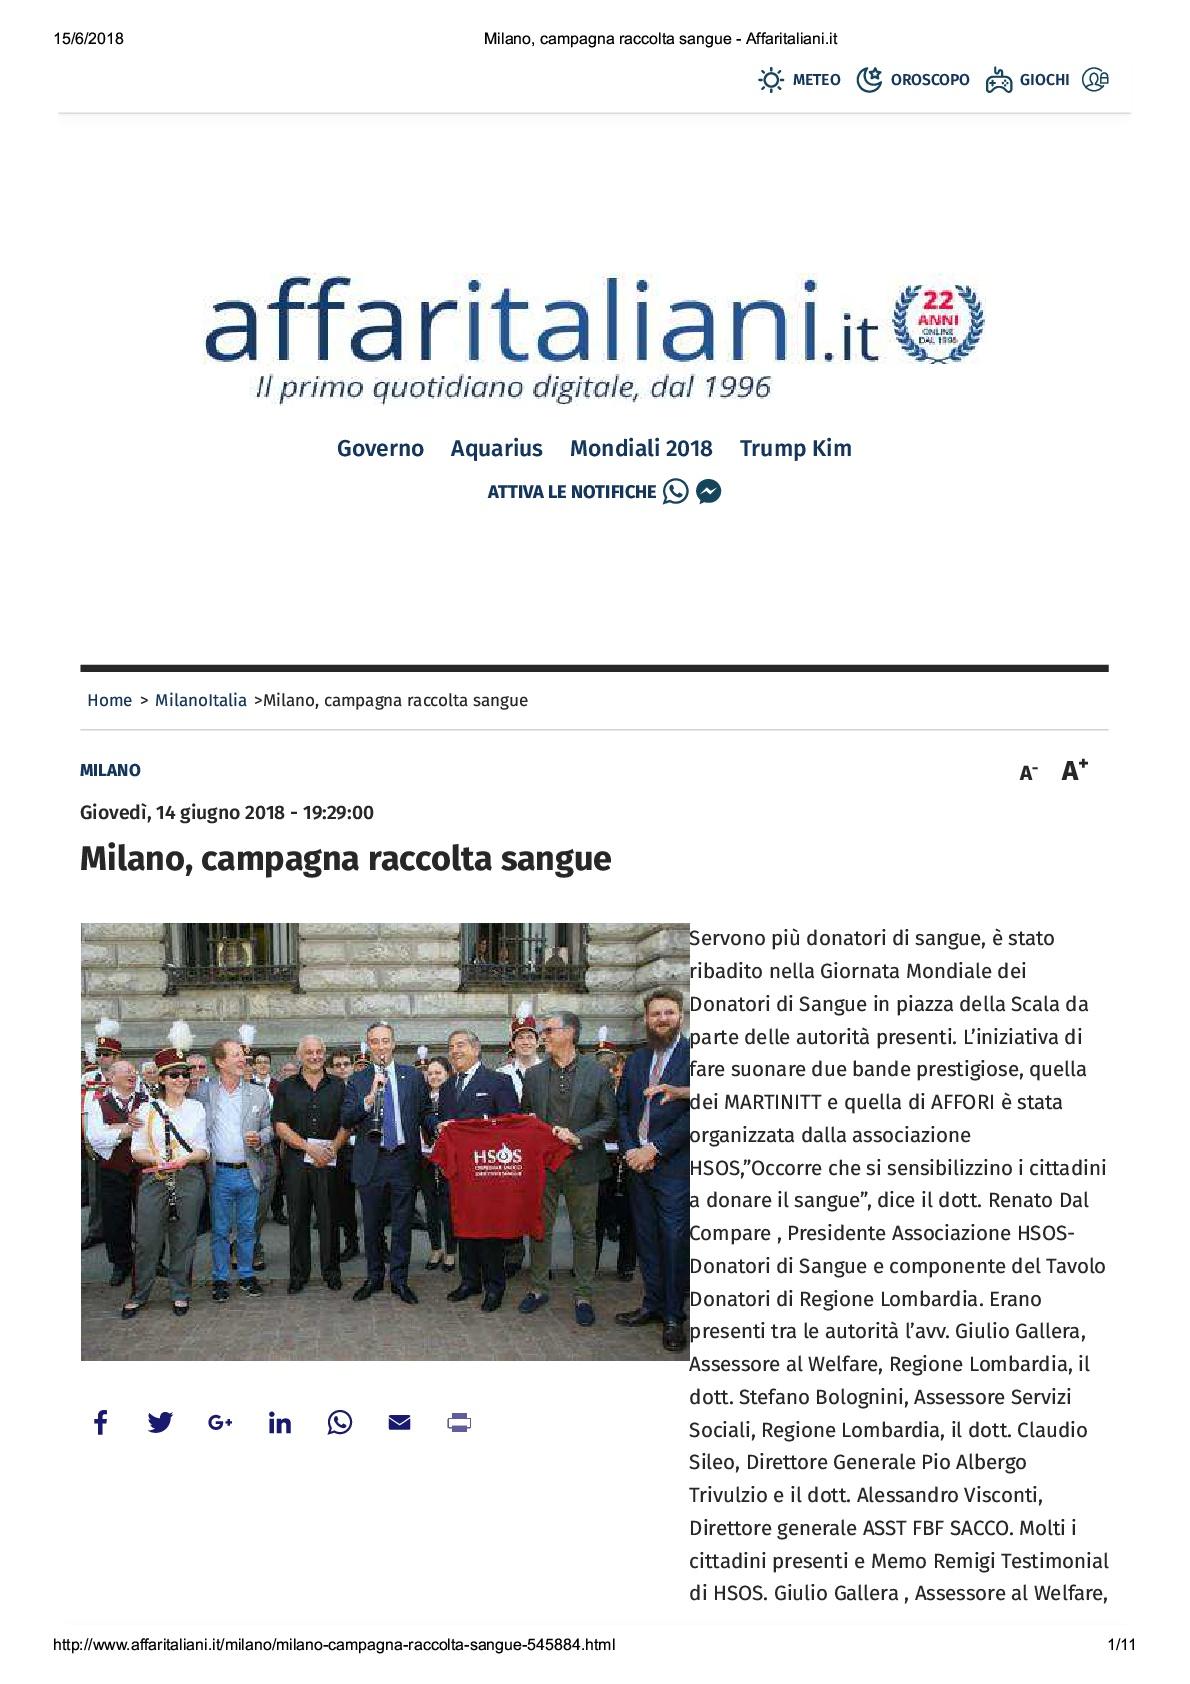 Giornata Mondiale della Donazione di Sangue, Affaritaliani.it del-15.06.2018